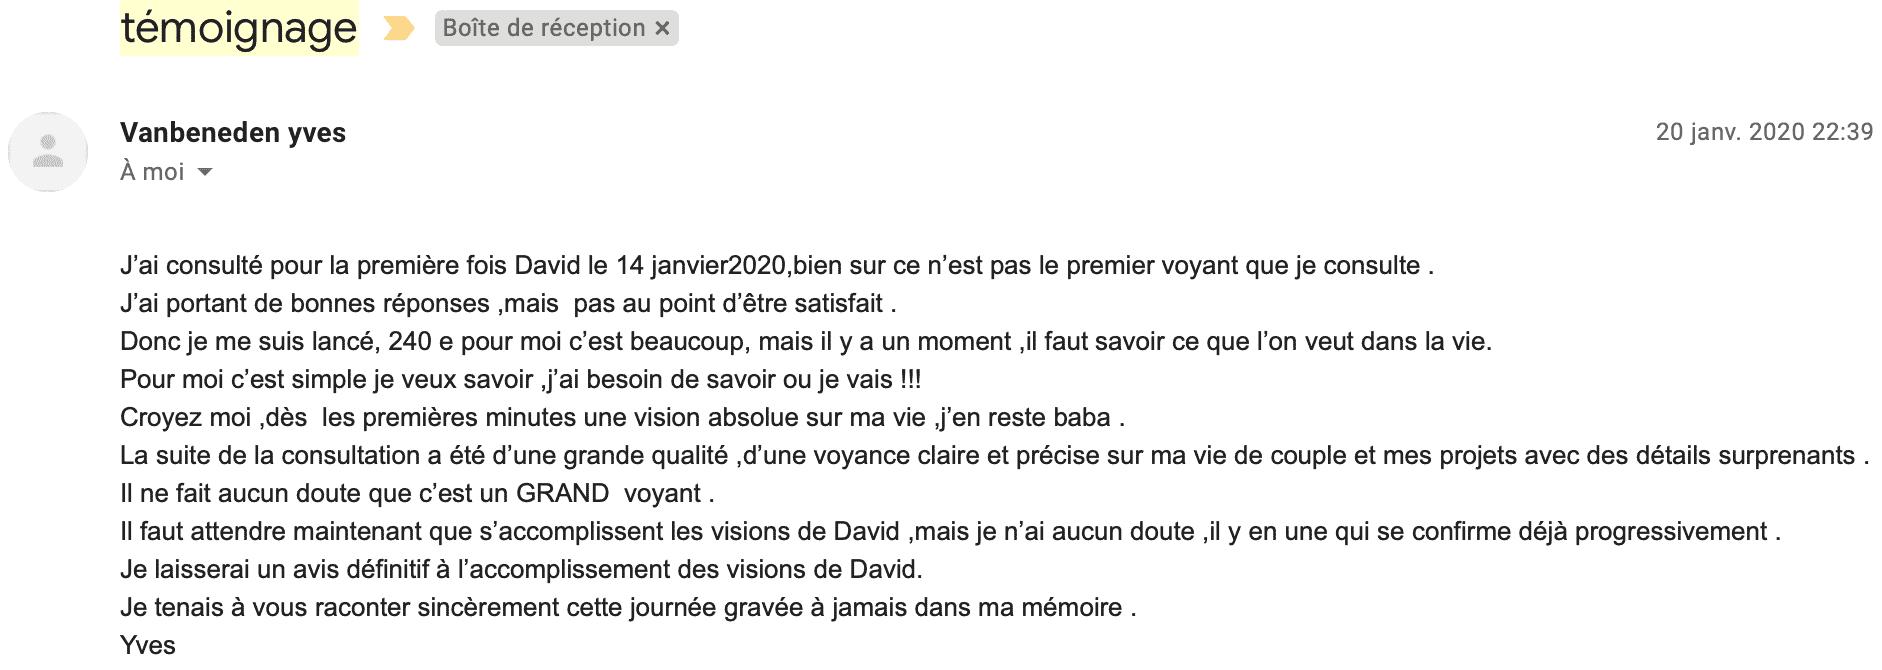 Témoignage David Mocq - Yves V.